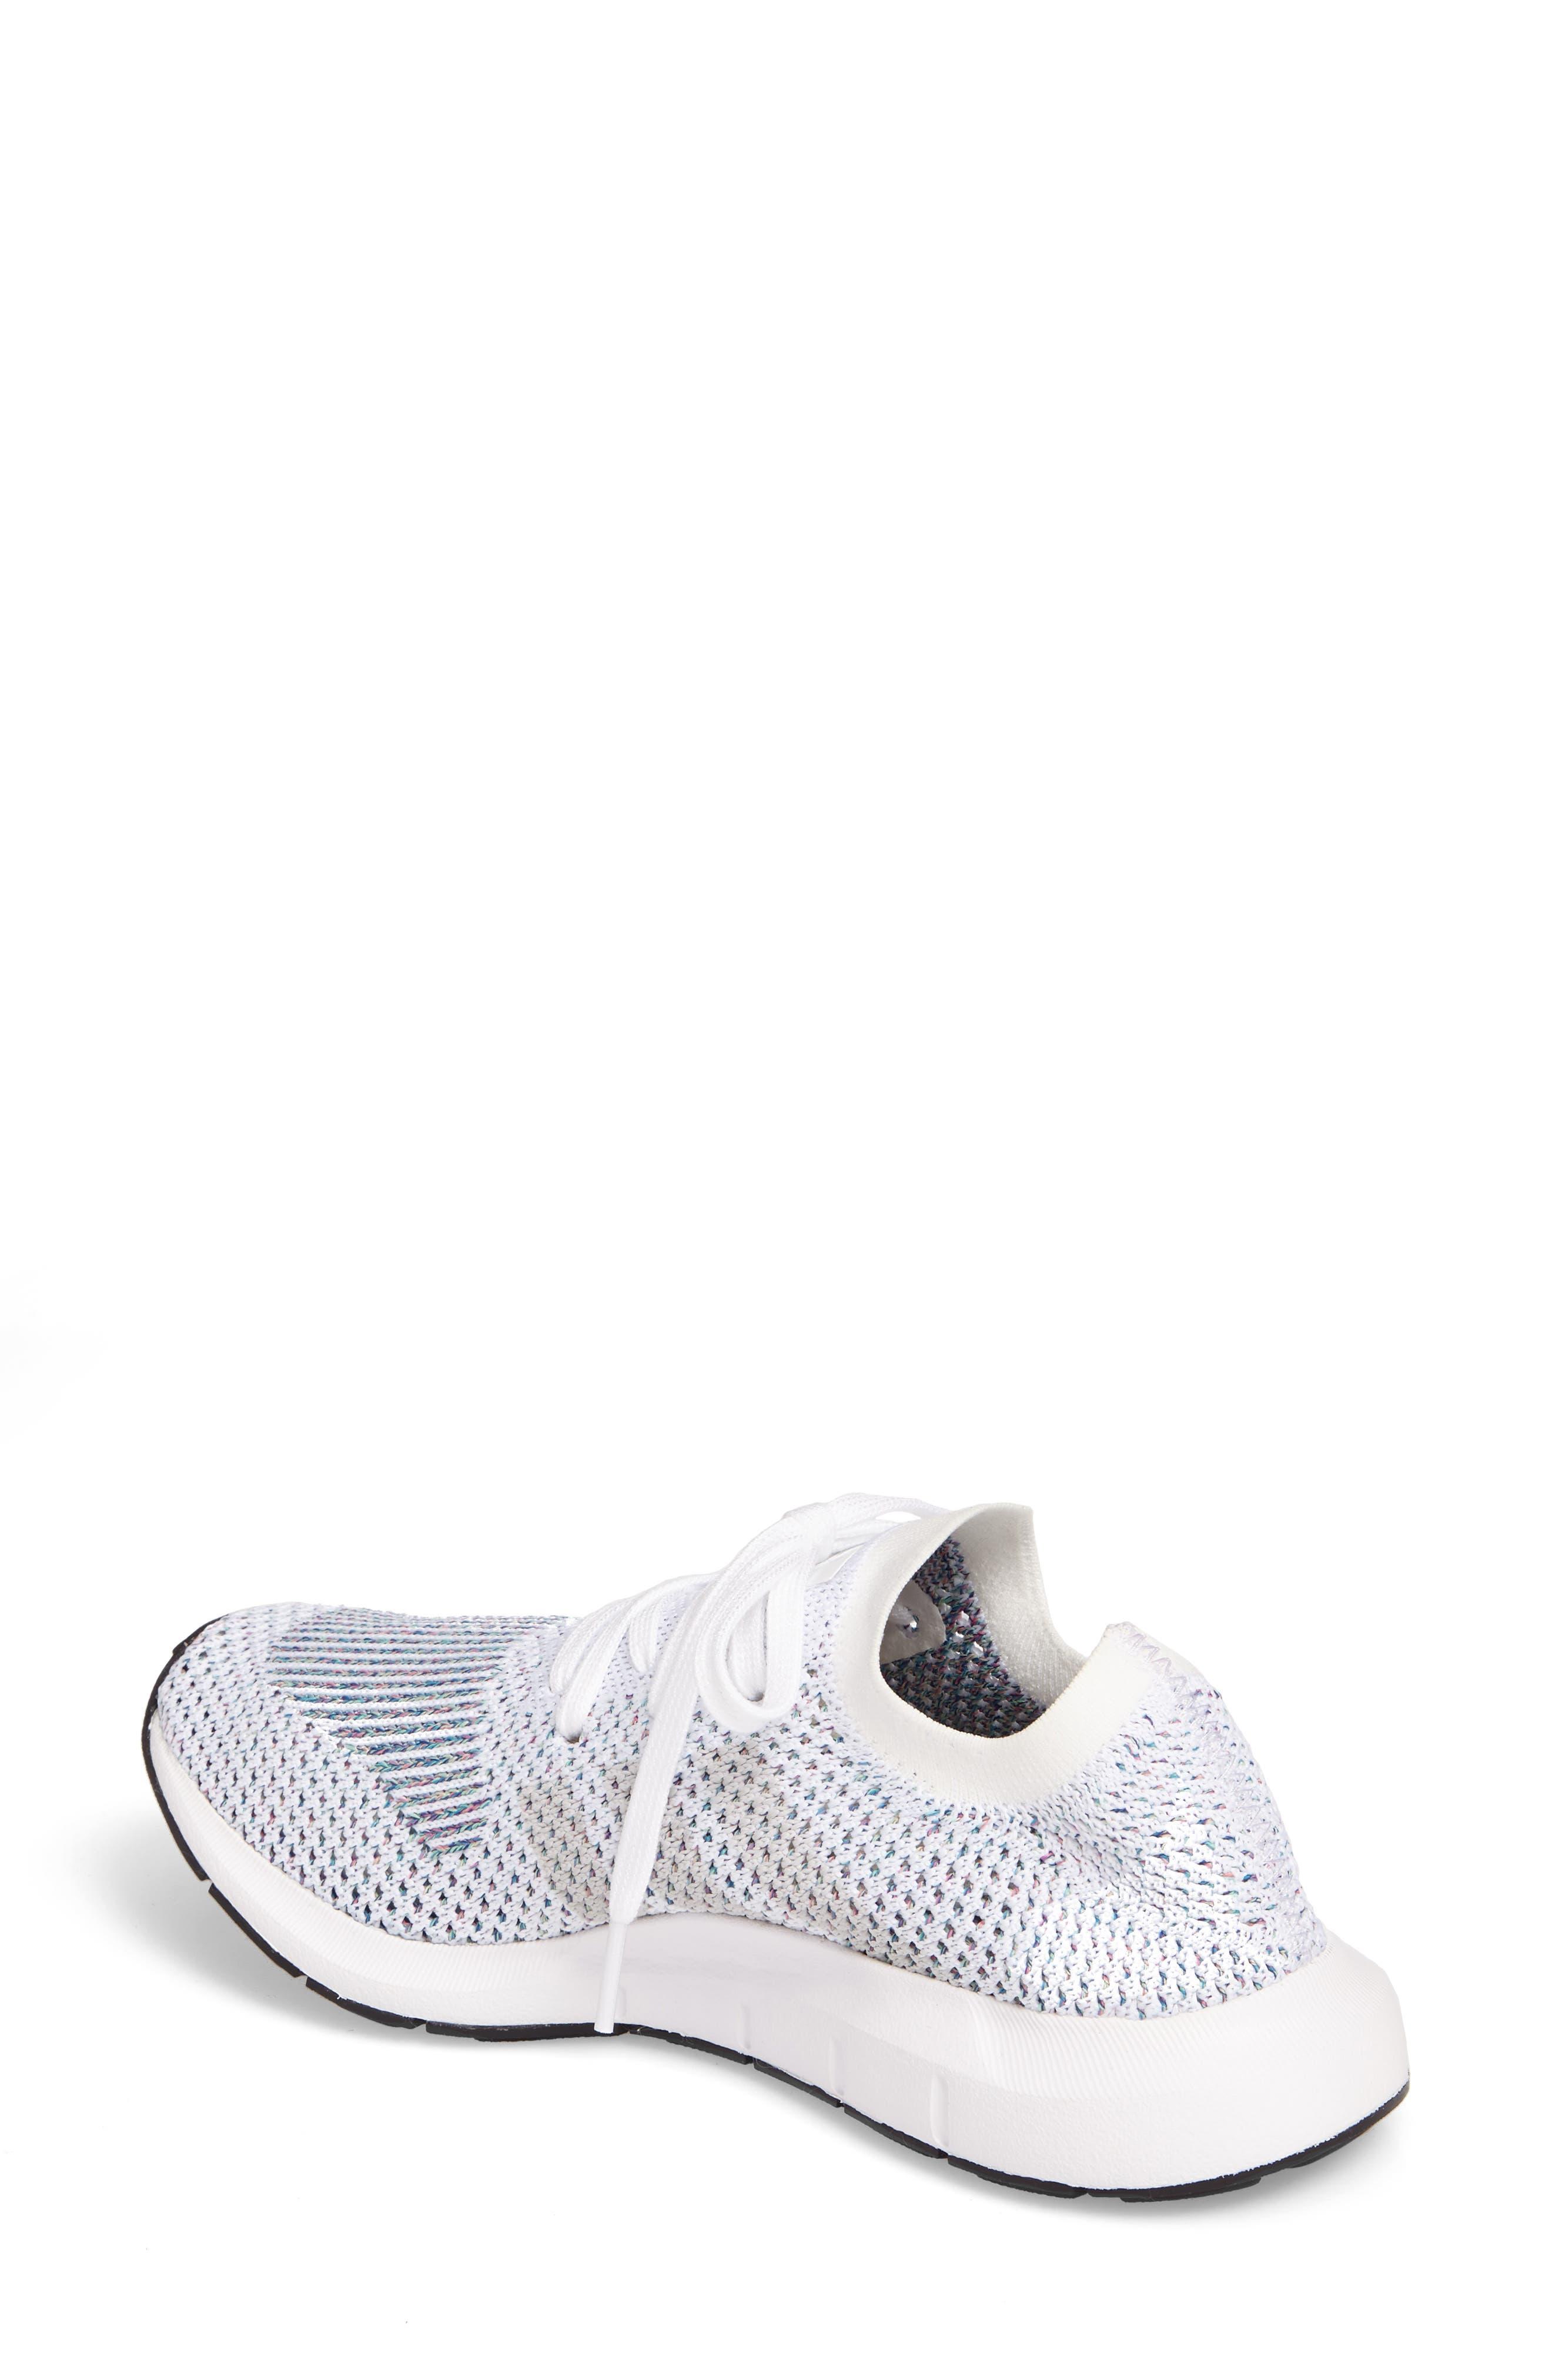 Swift Run Primeknit Training Shoe,                             Alternate thumbnail 2, color,                             White/ Off White/ Core Black